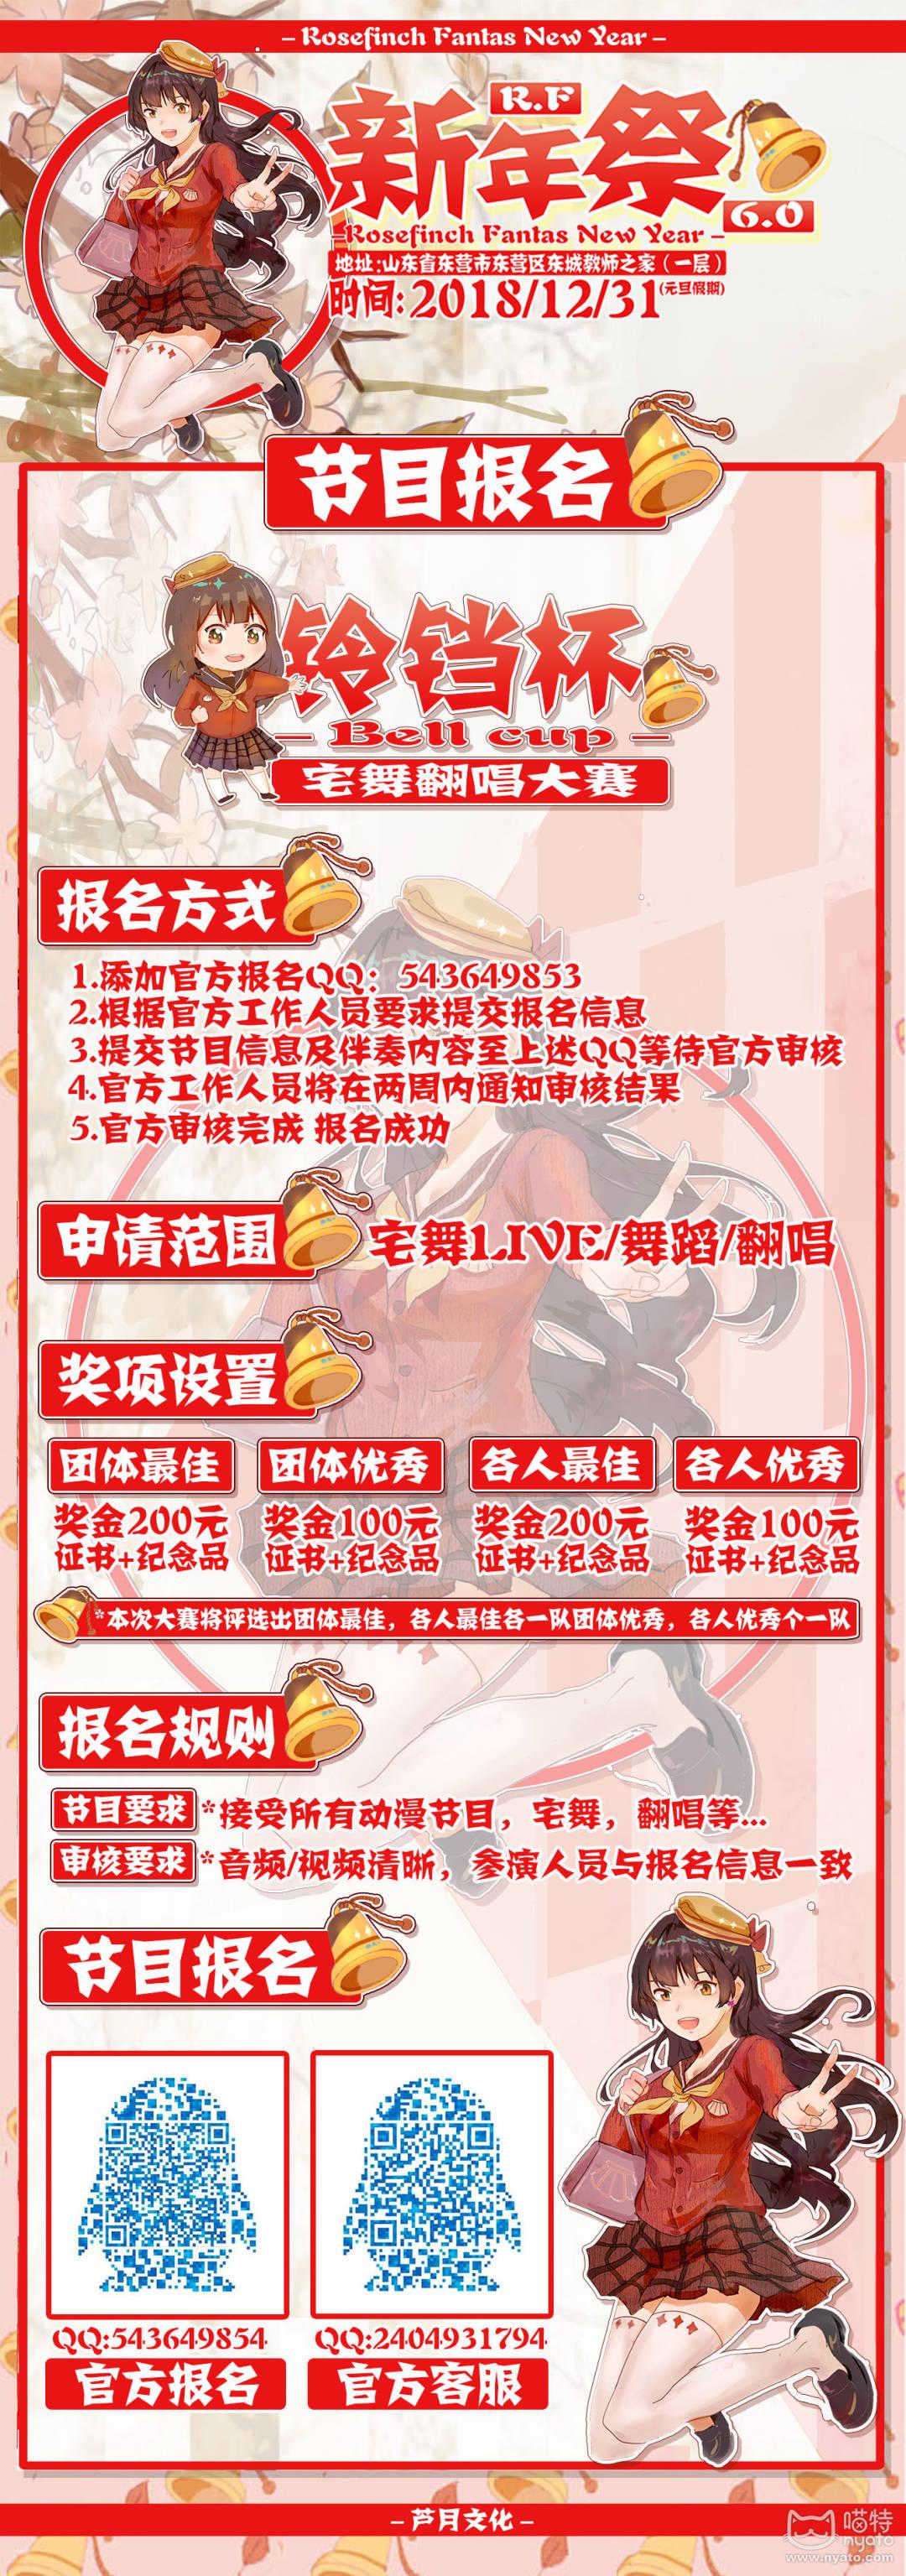 新年祭6.0二宣 节目报名.jpg